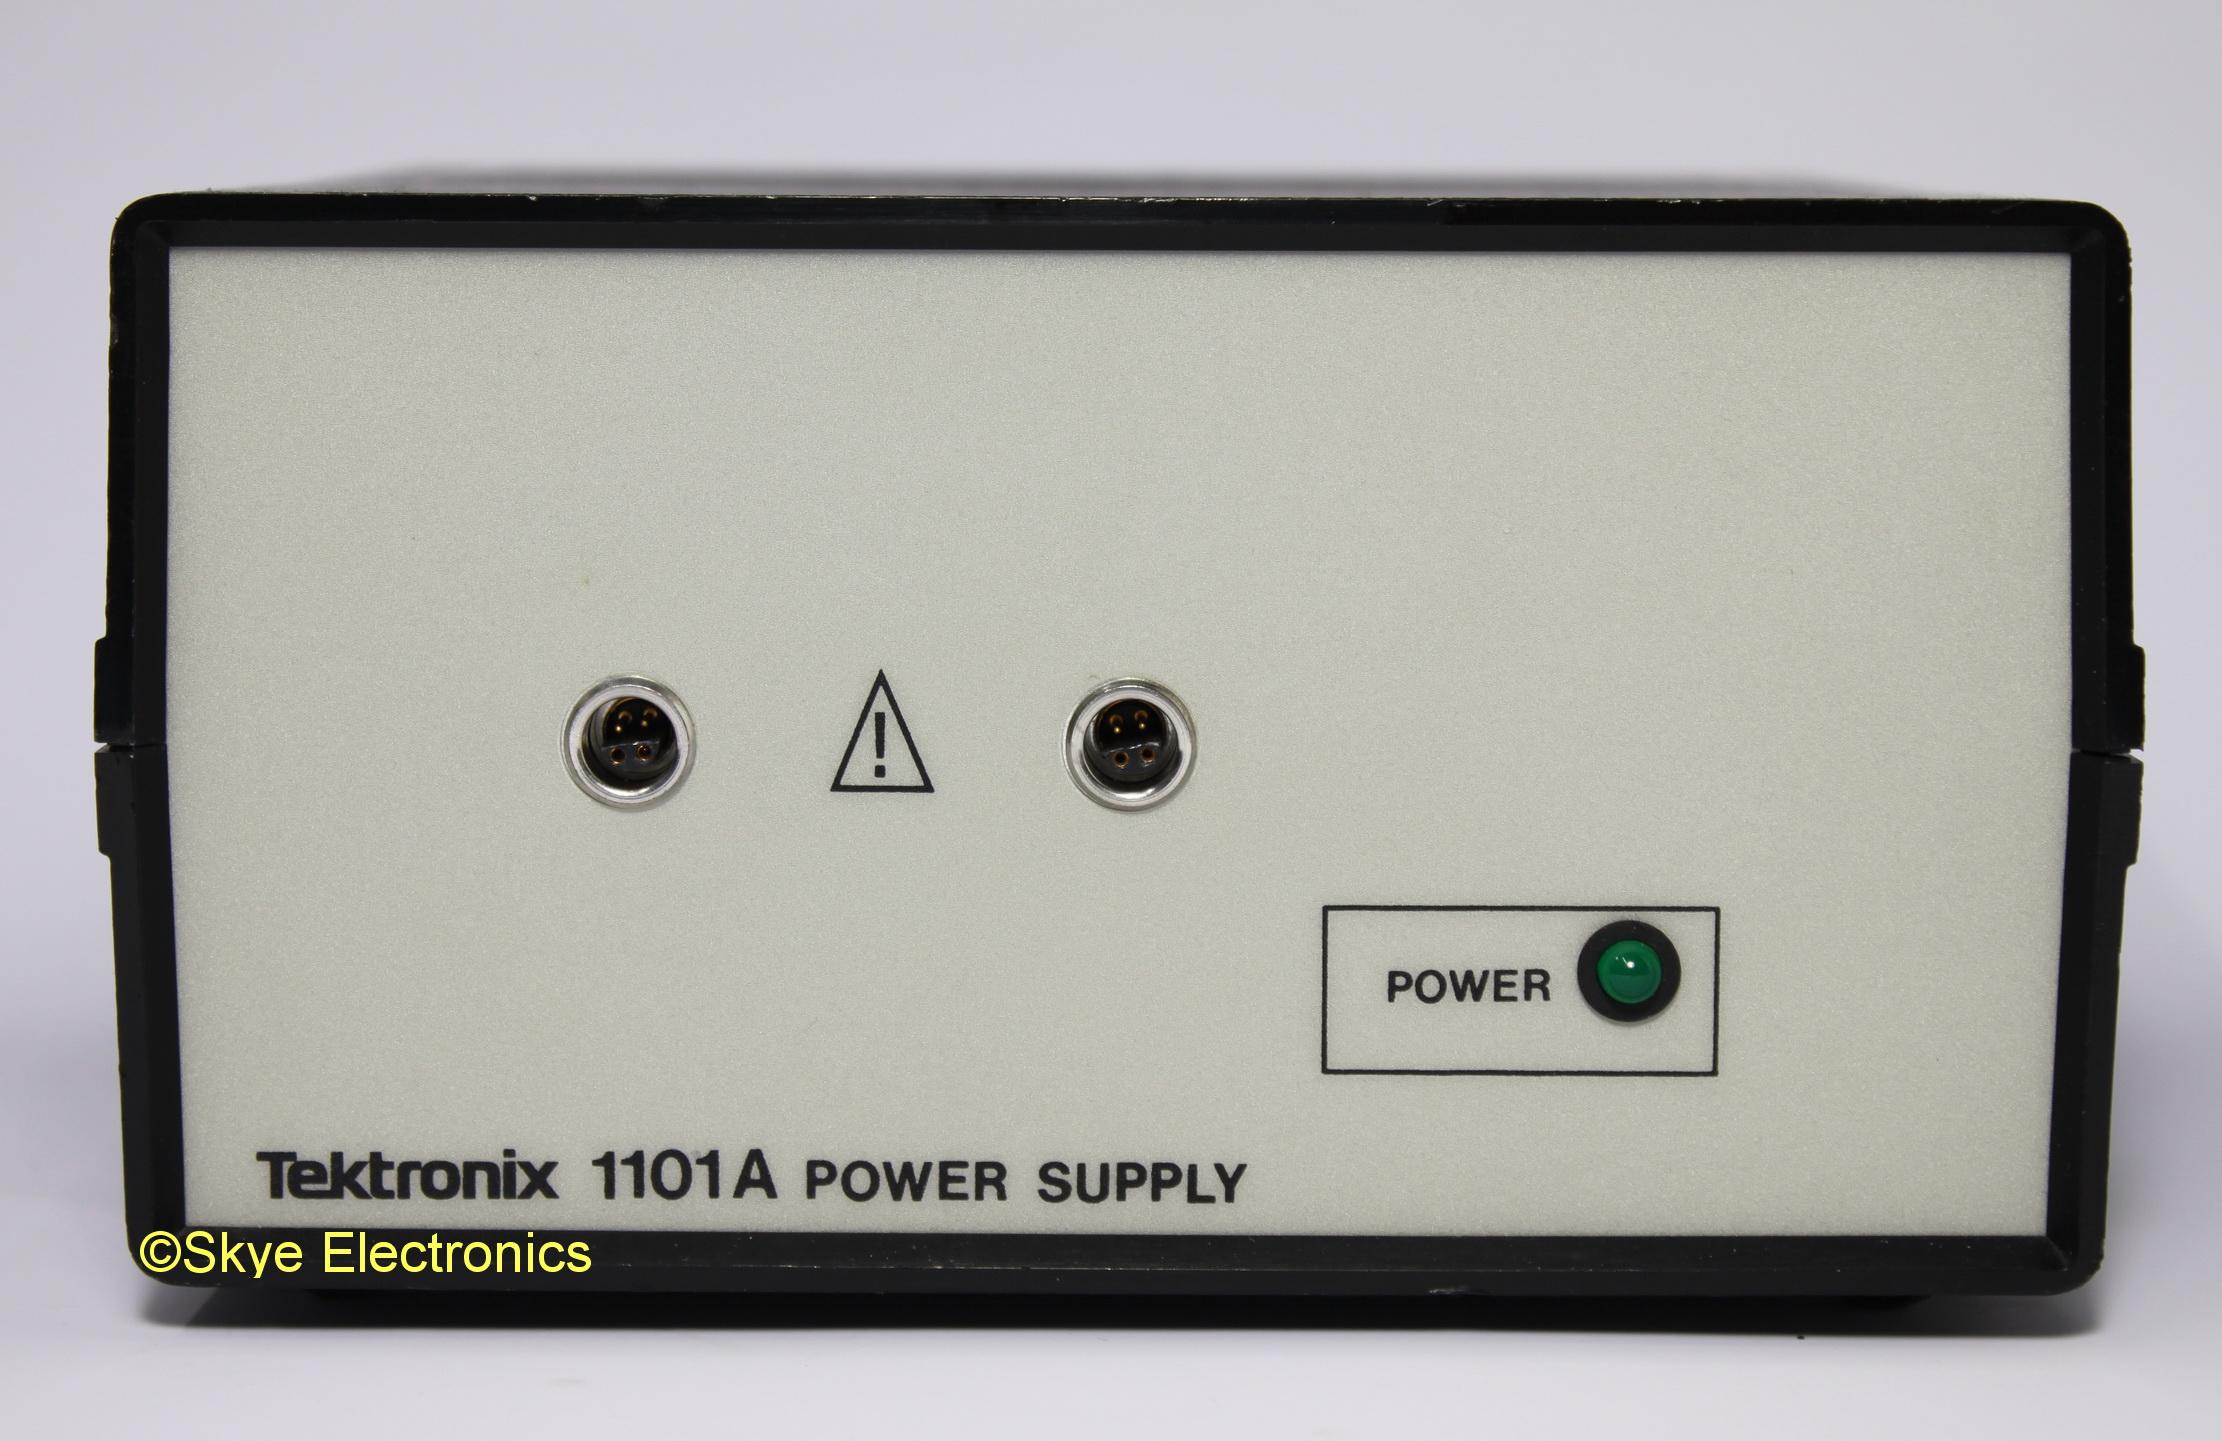 Tektronix 1101A Skye Electronics